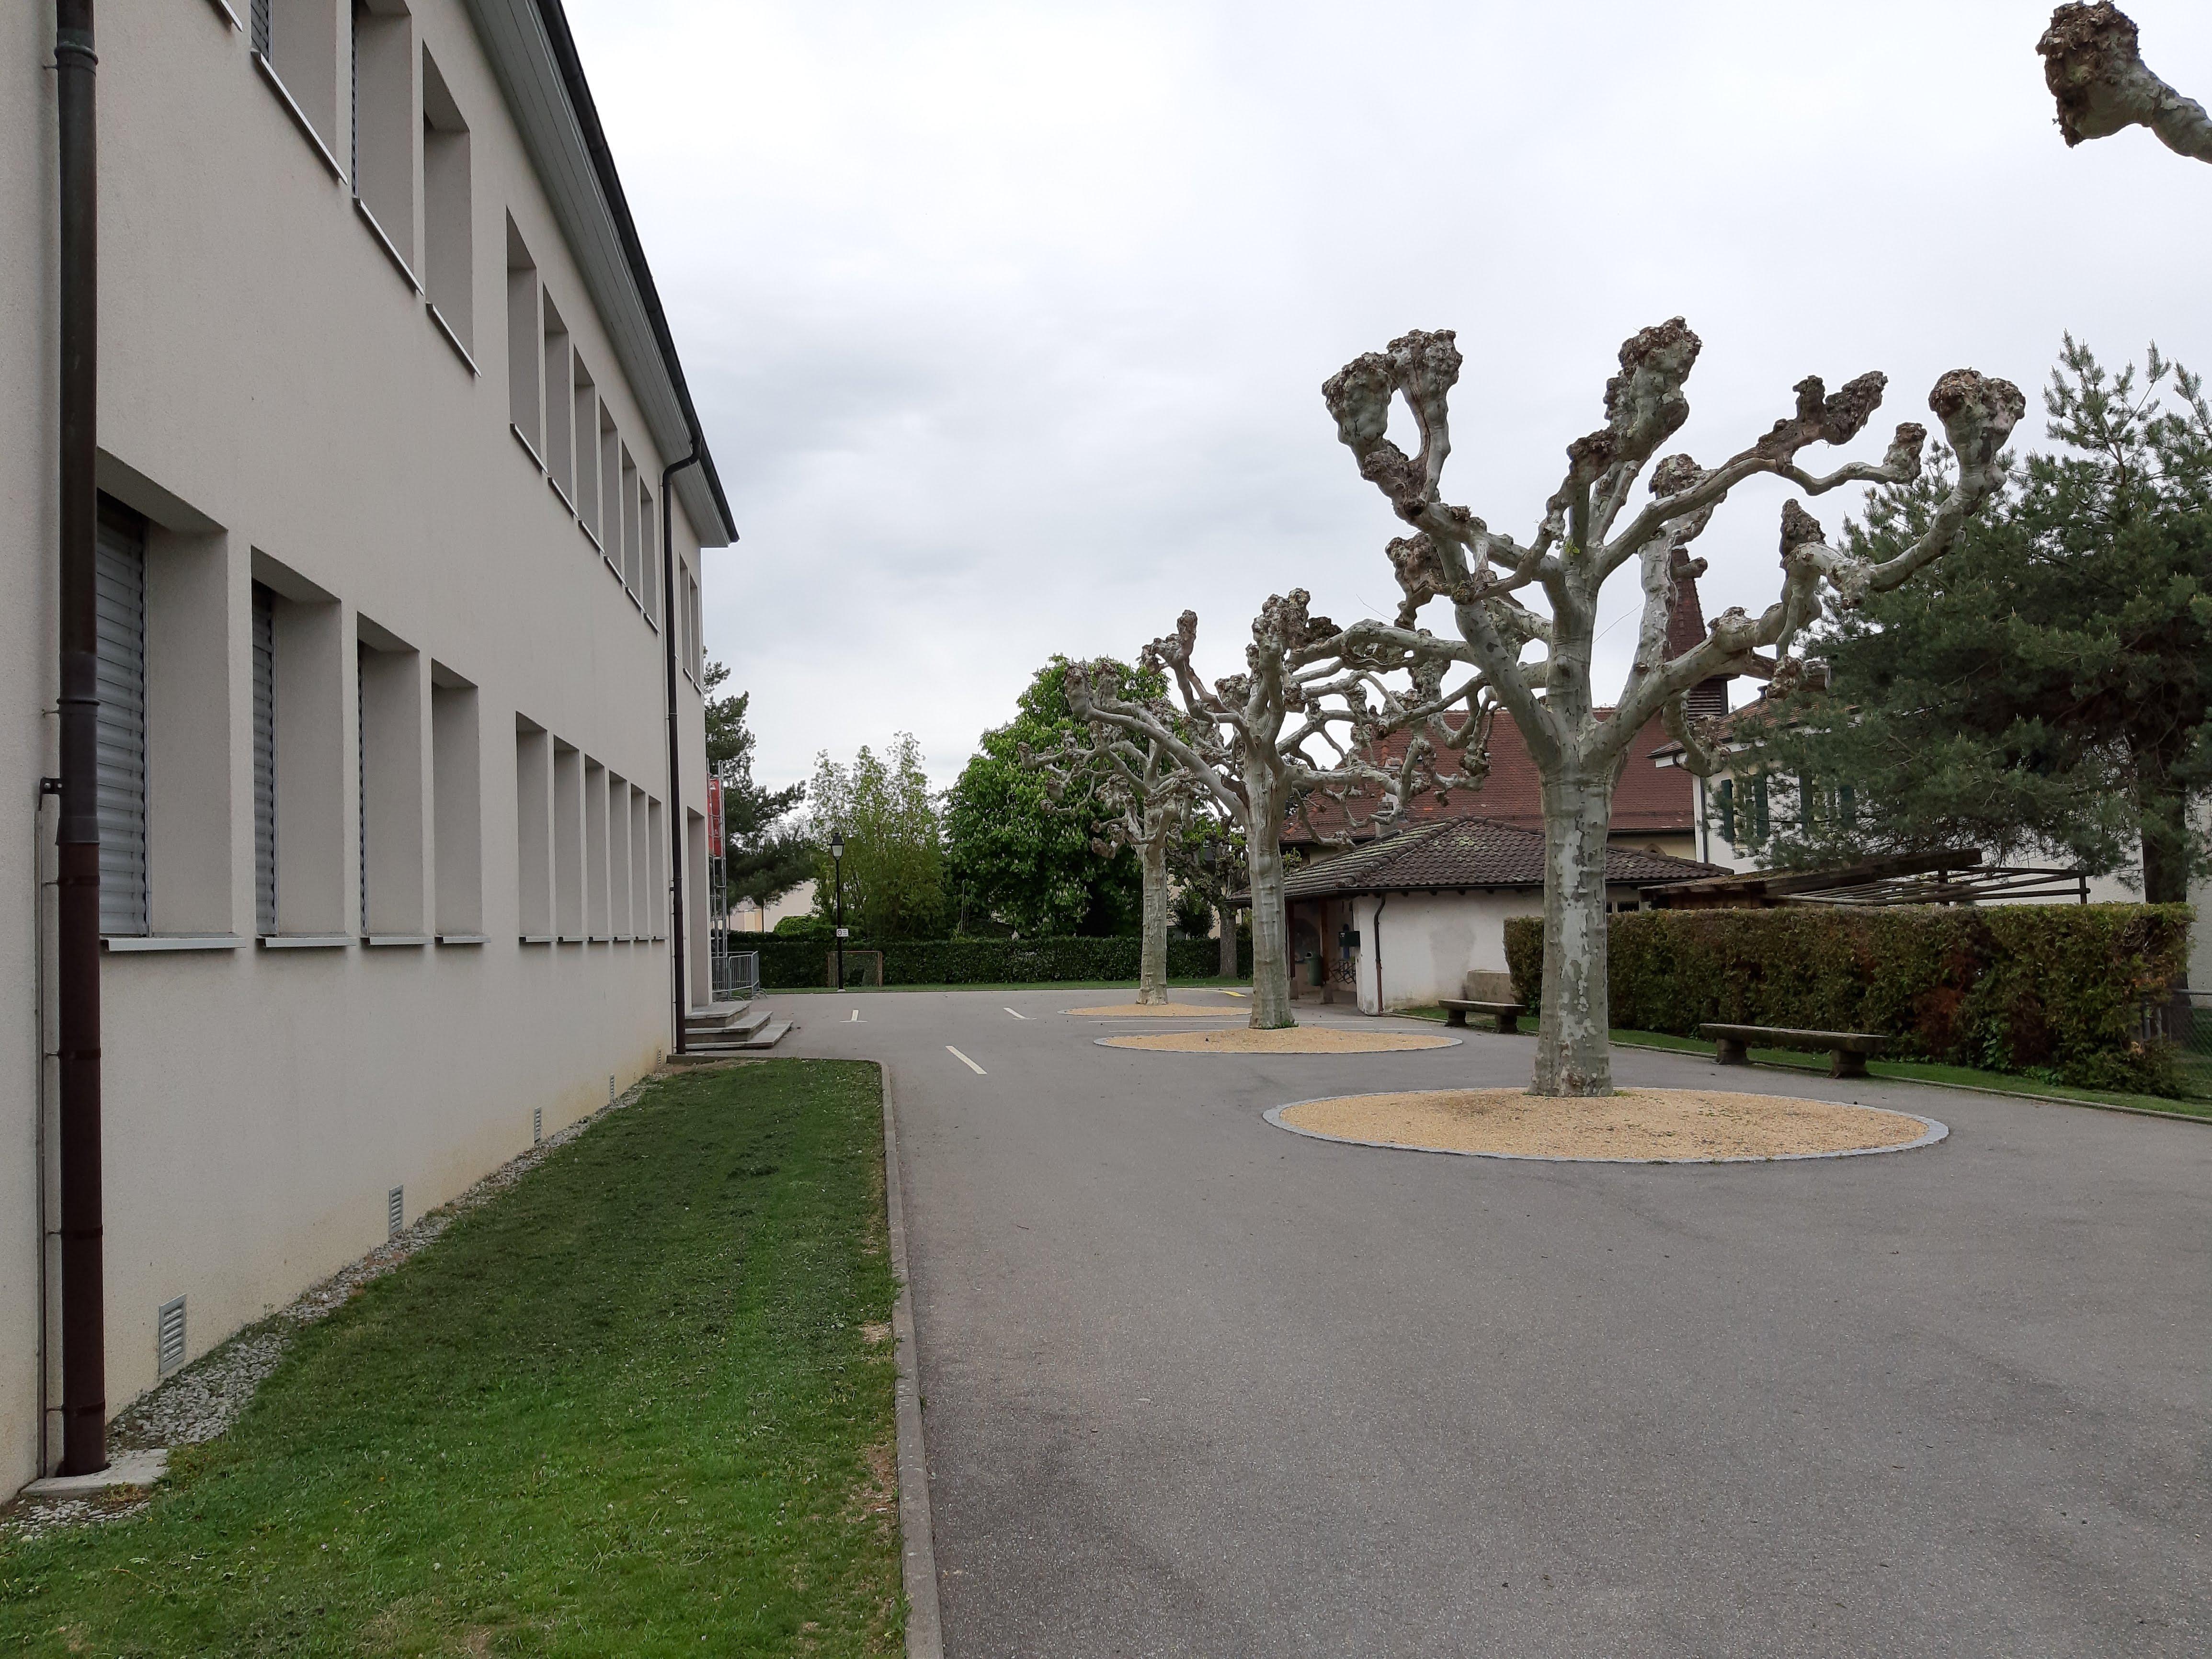 Câblage à l'école de Tolochenaz